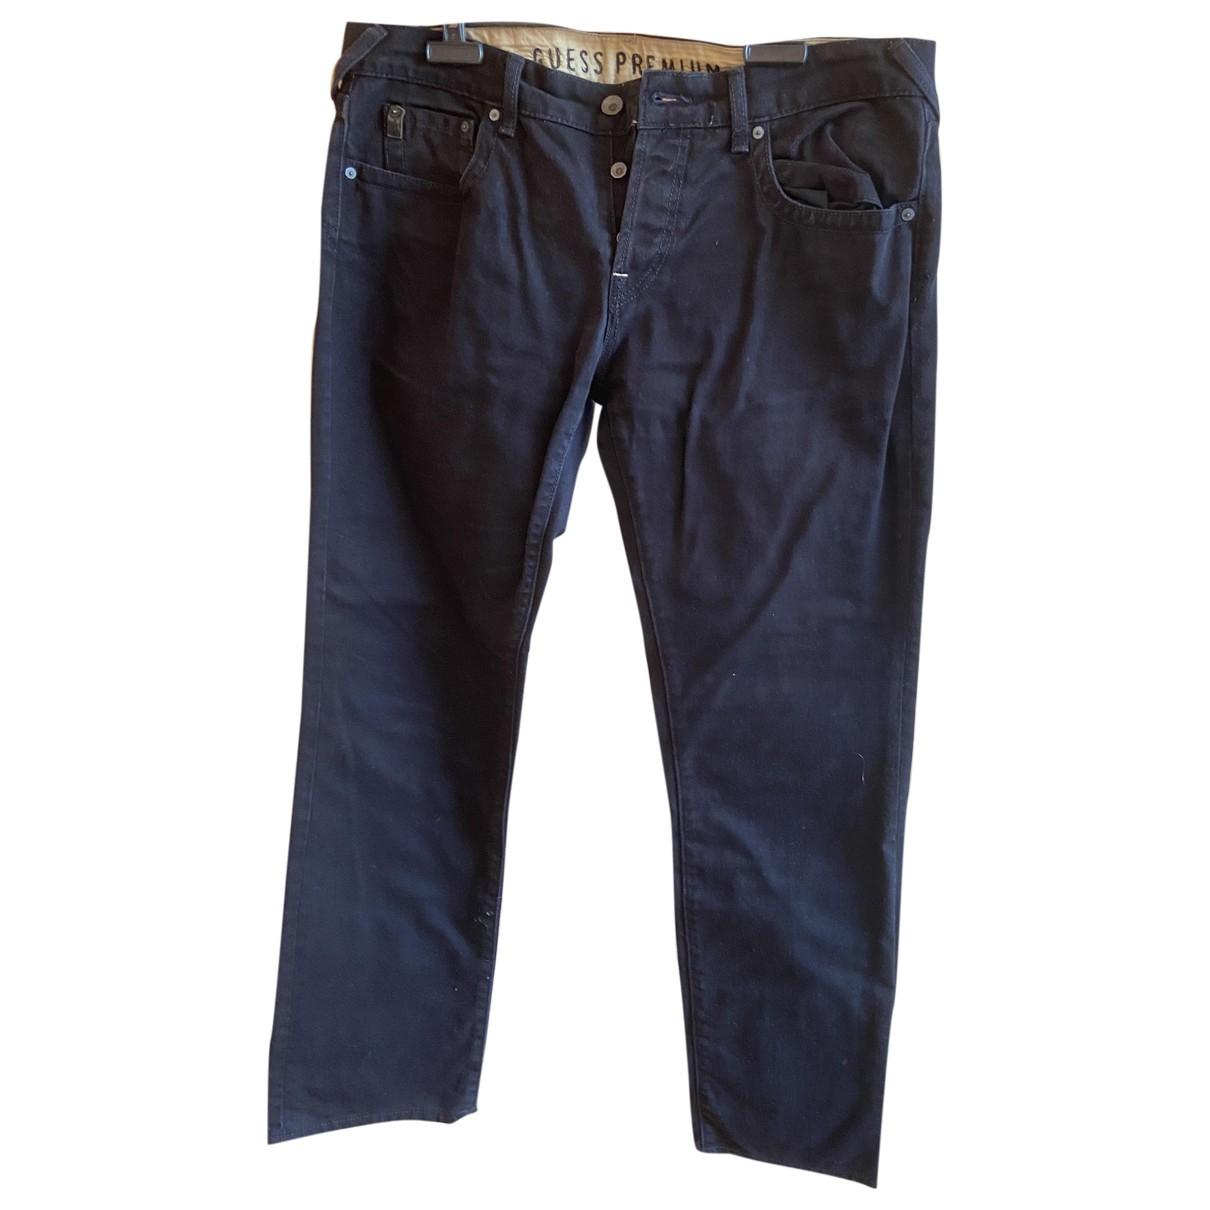 Pantalones en Algodon Negro Guess